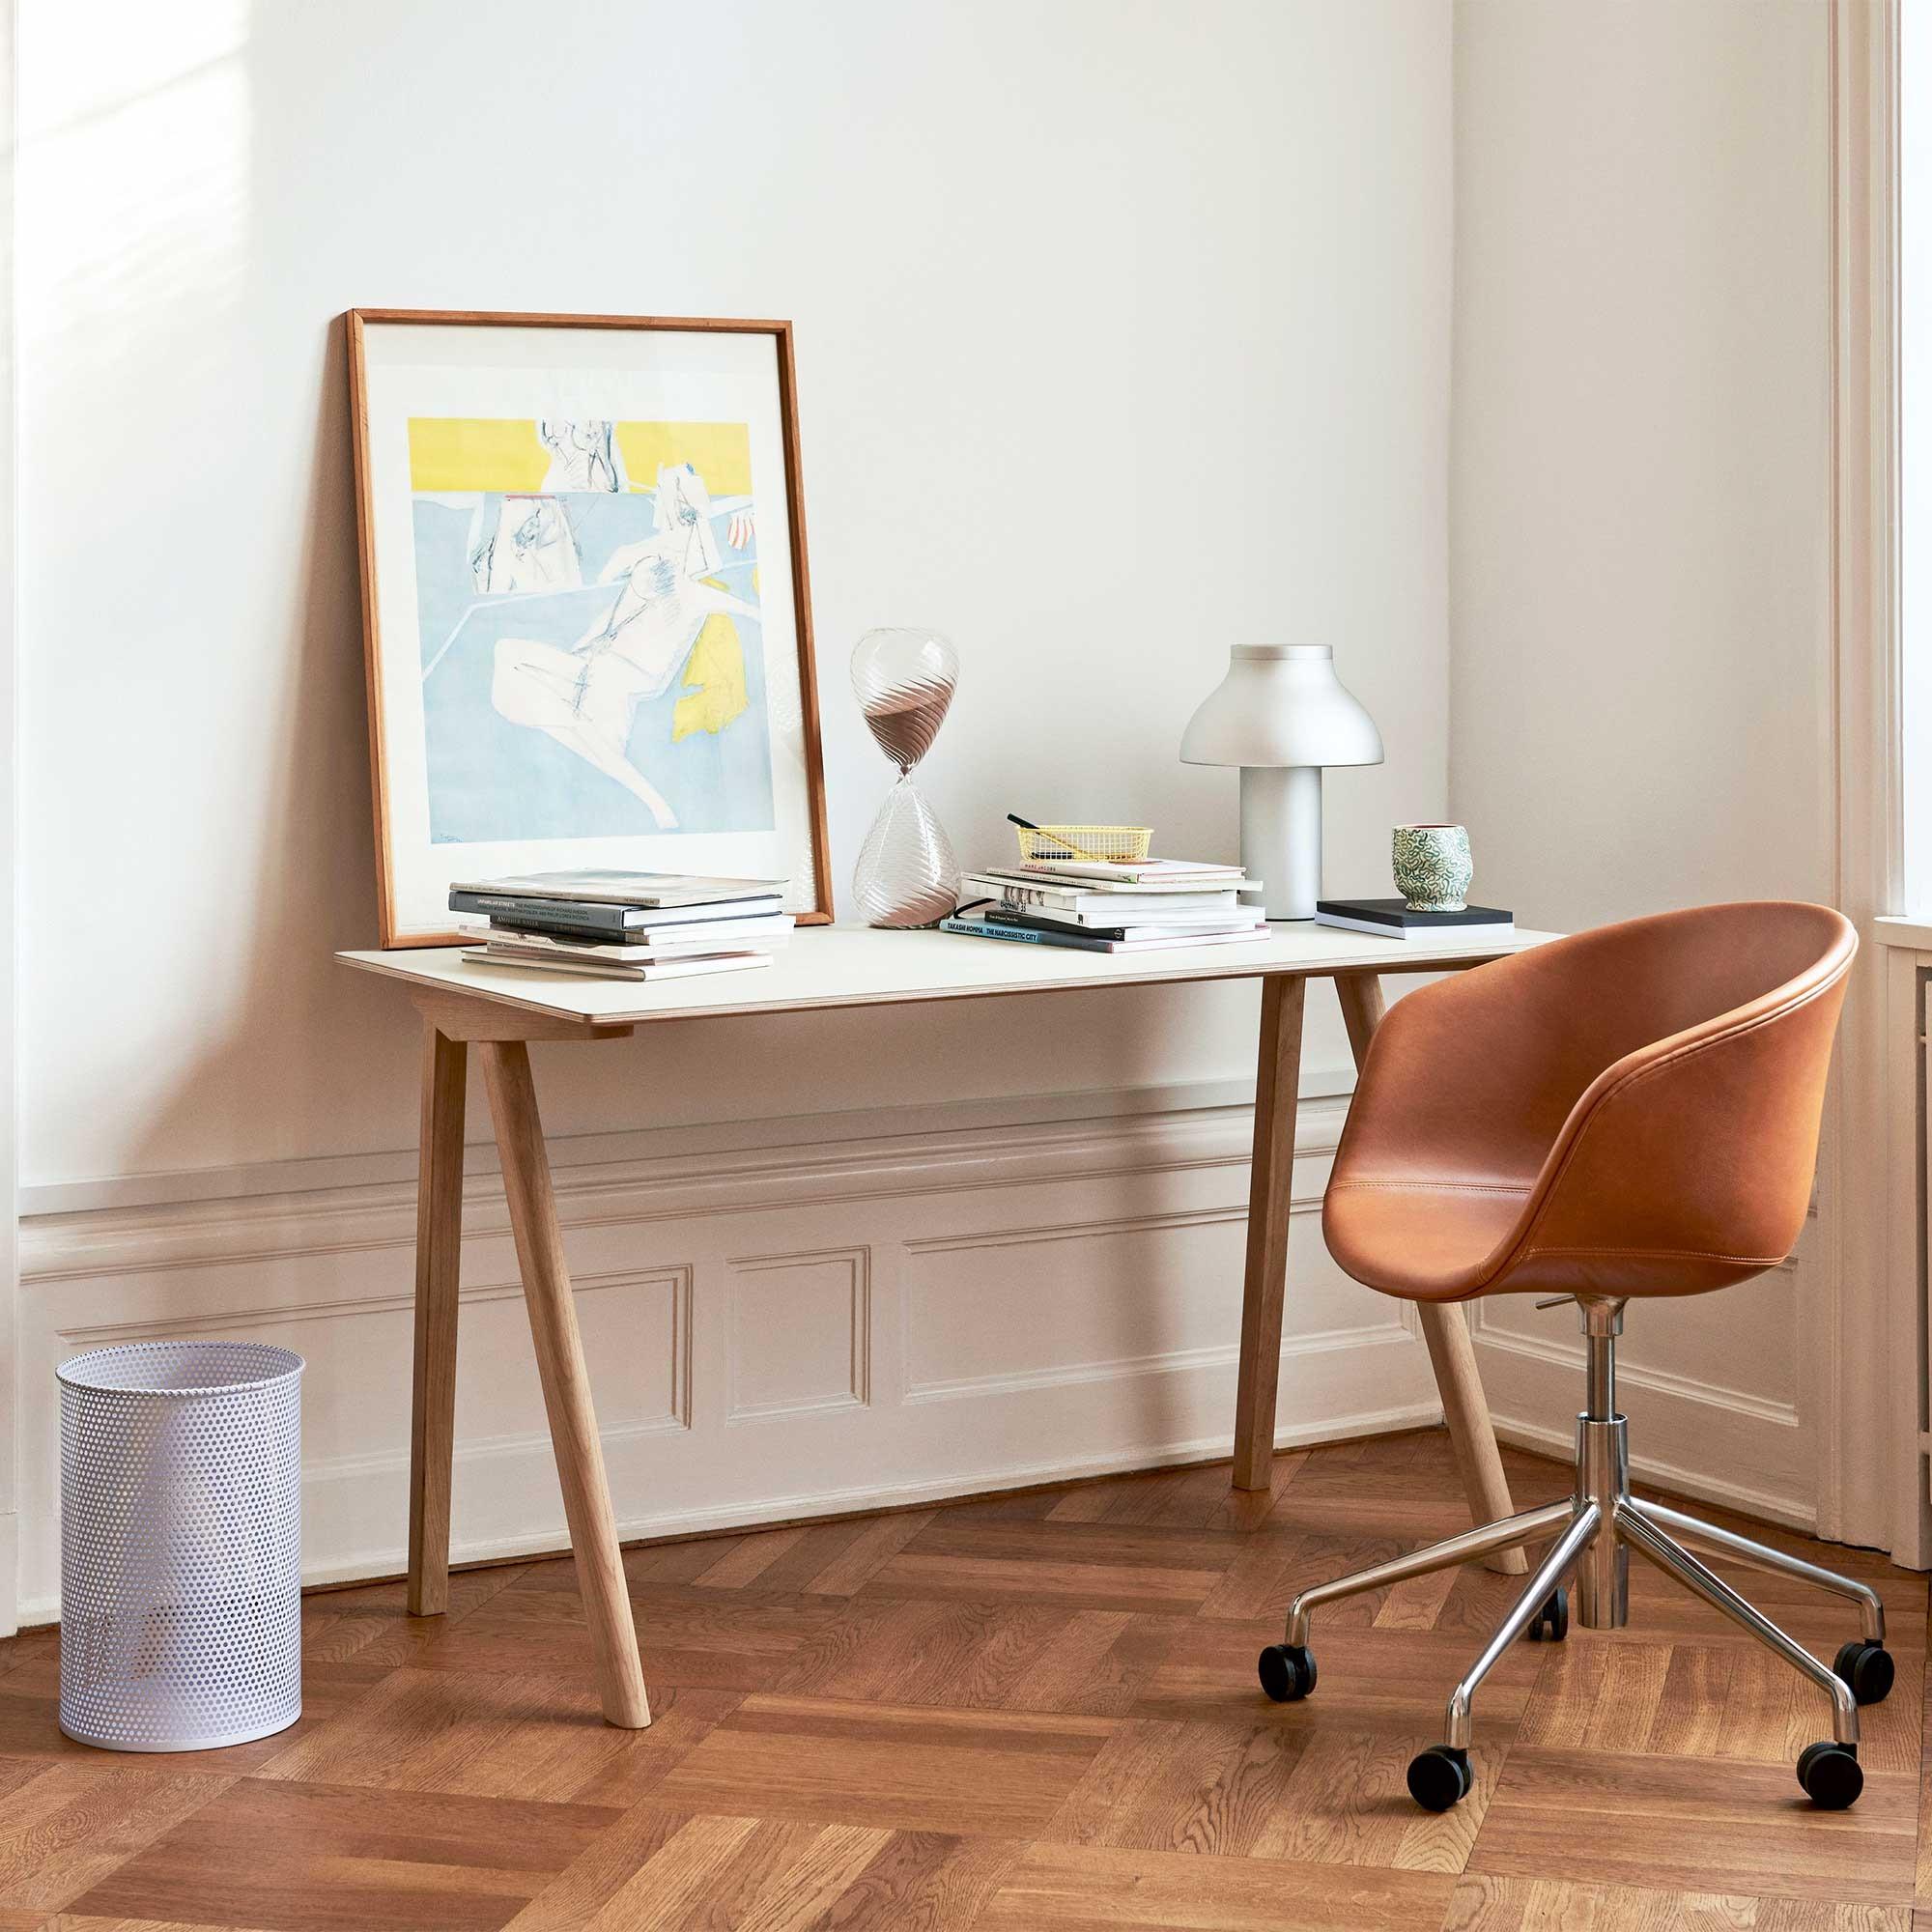 - HAY Copenhague CPH90 Desk Linoleum AmbienteDirect